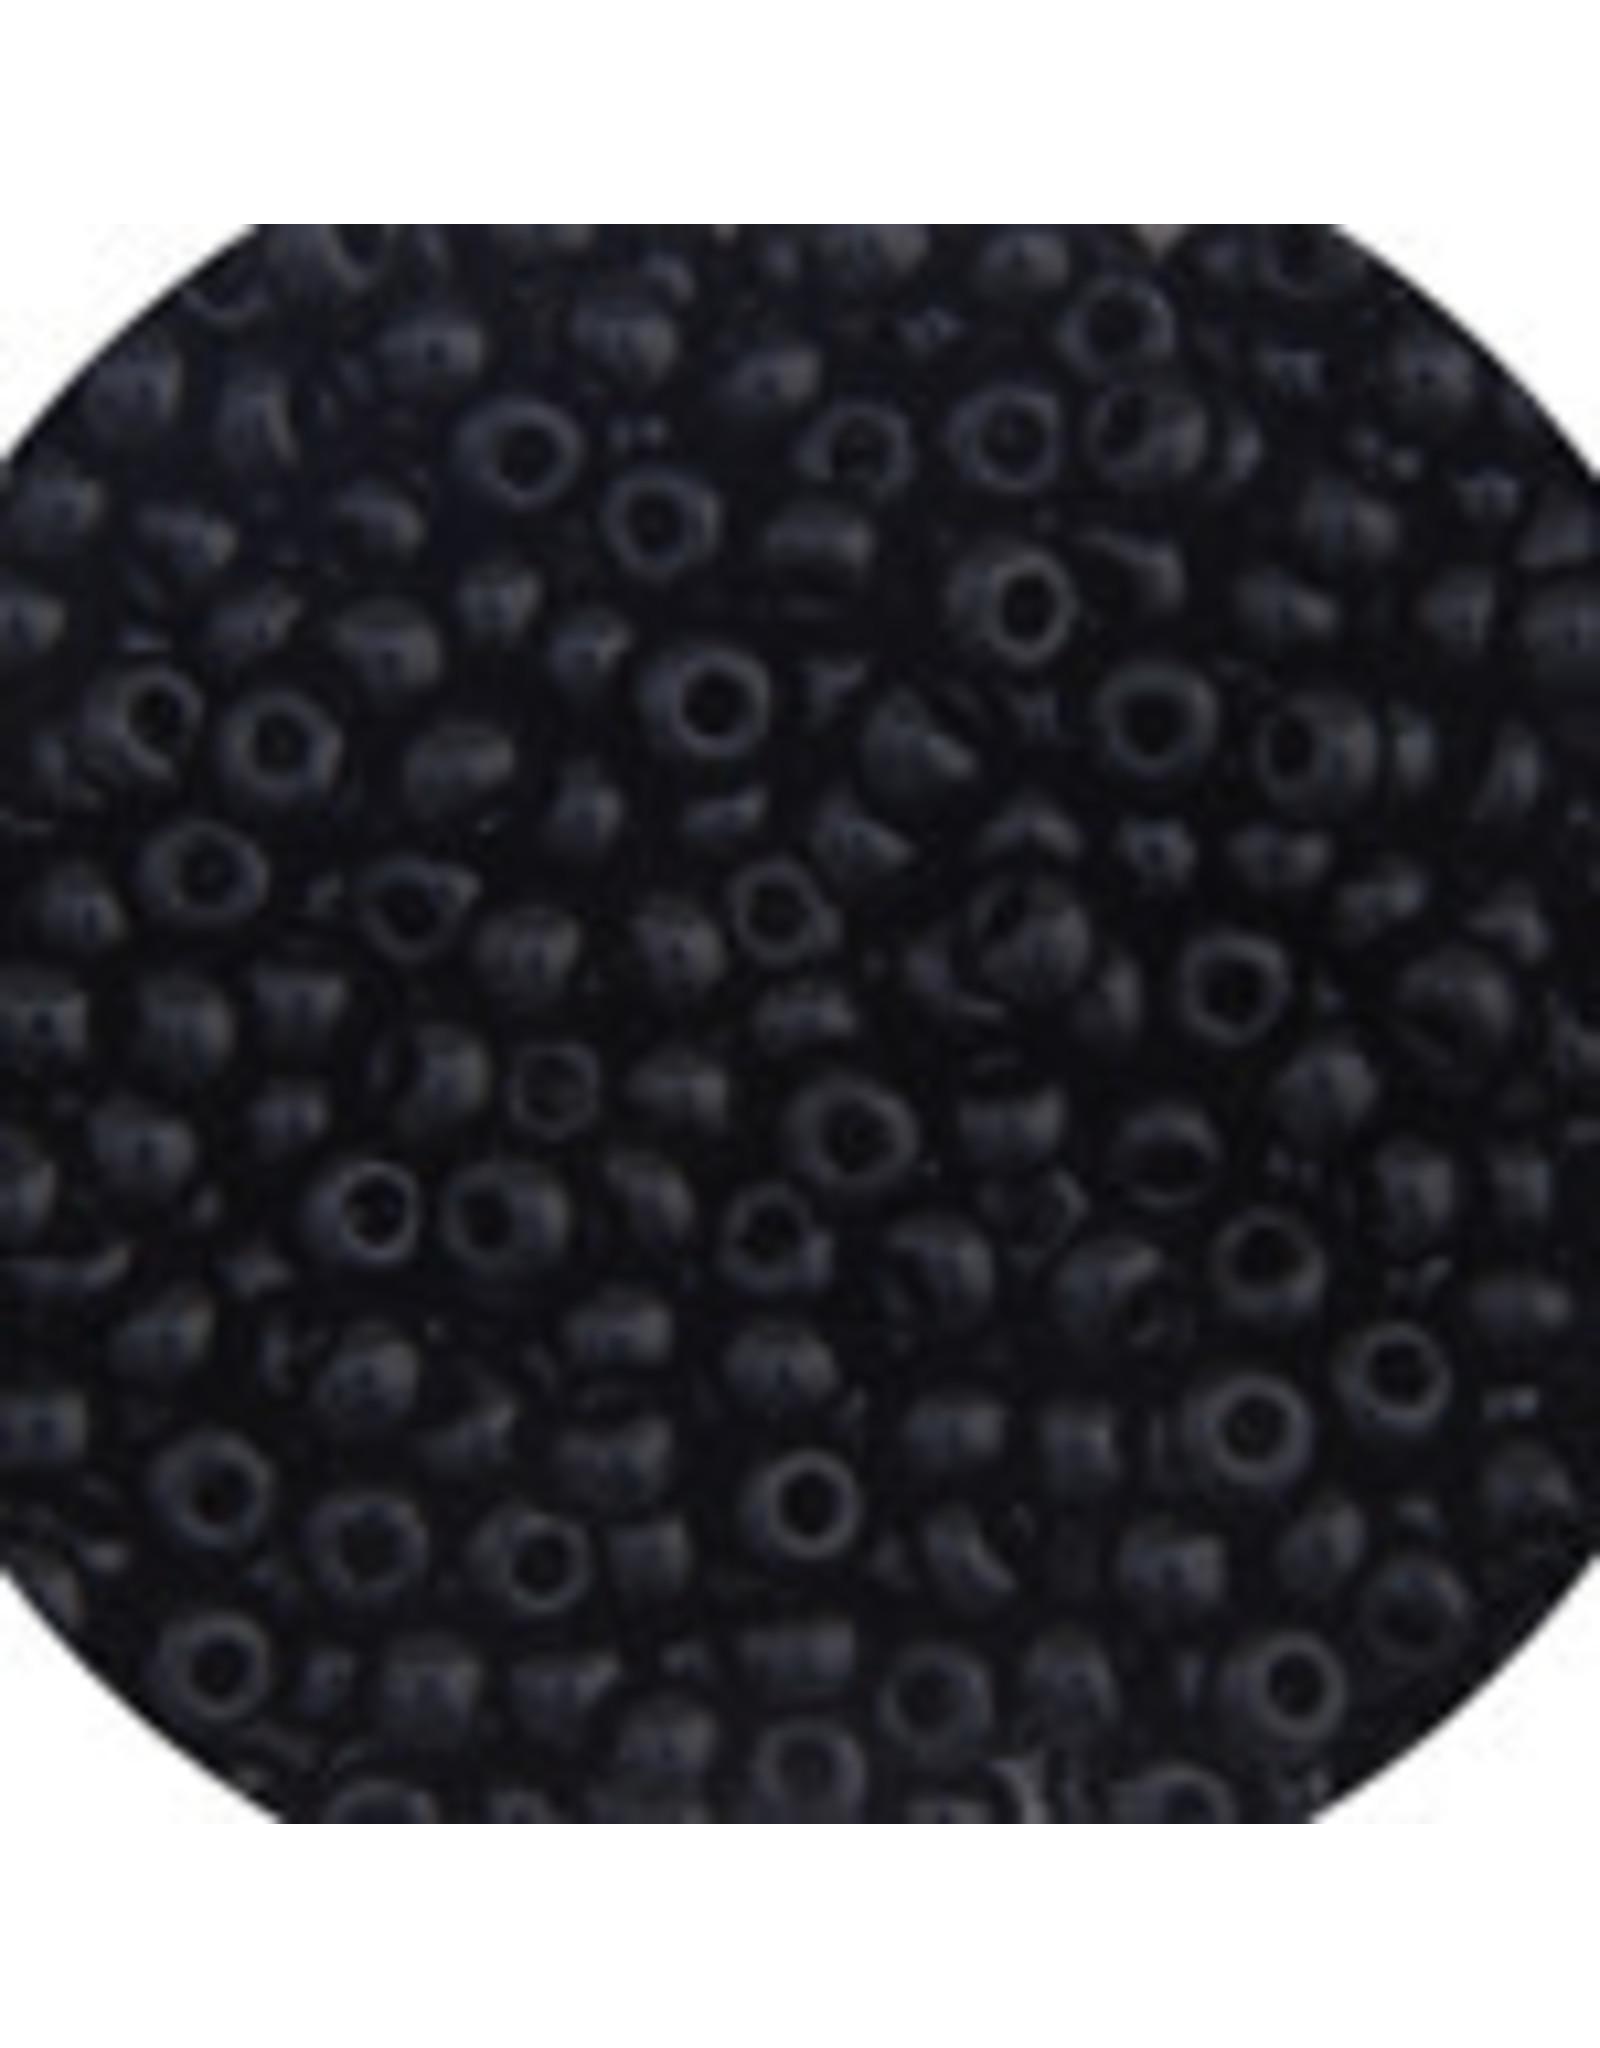 Czech 401624b 6   Seed 250g Opaque Jet Black